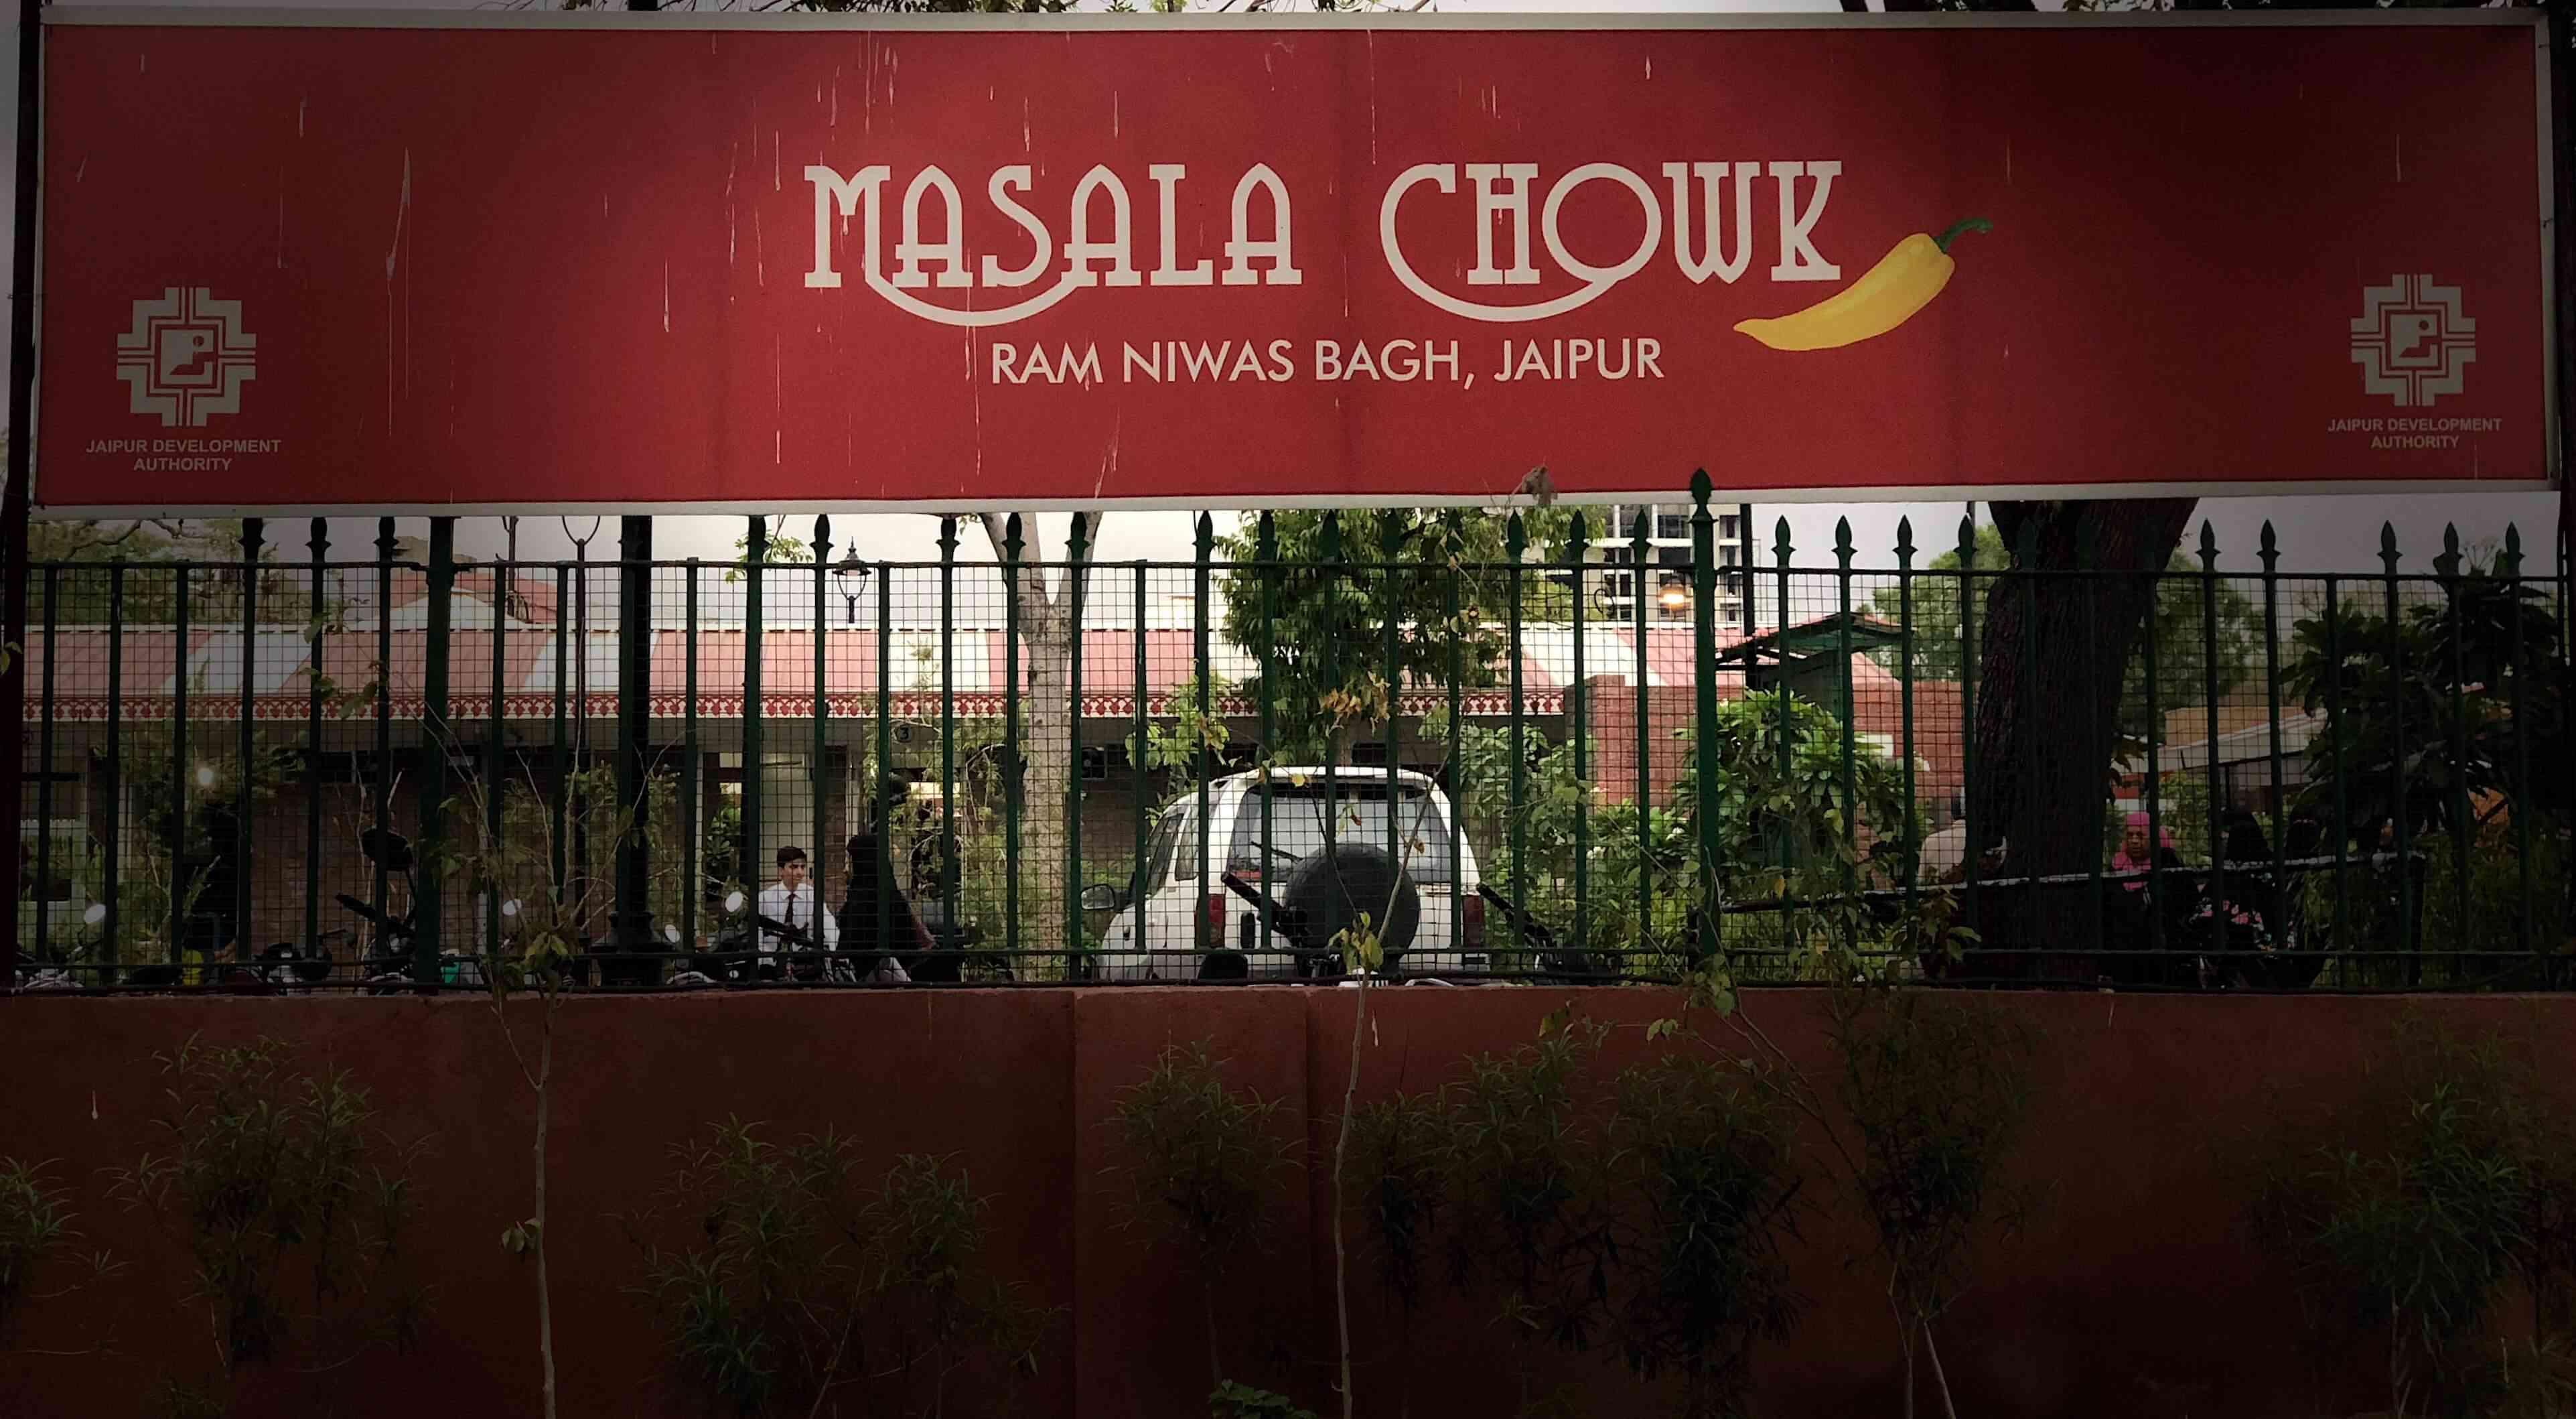 Masala Chowk, Jaipur